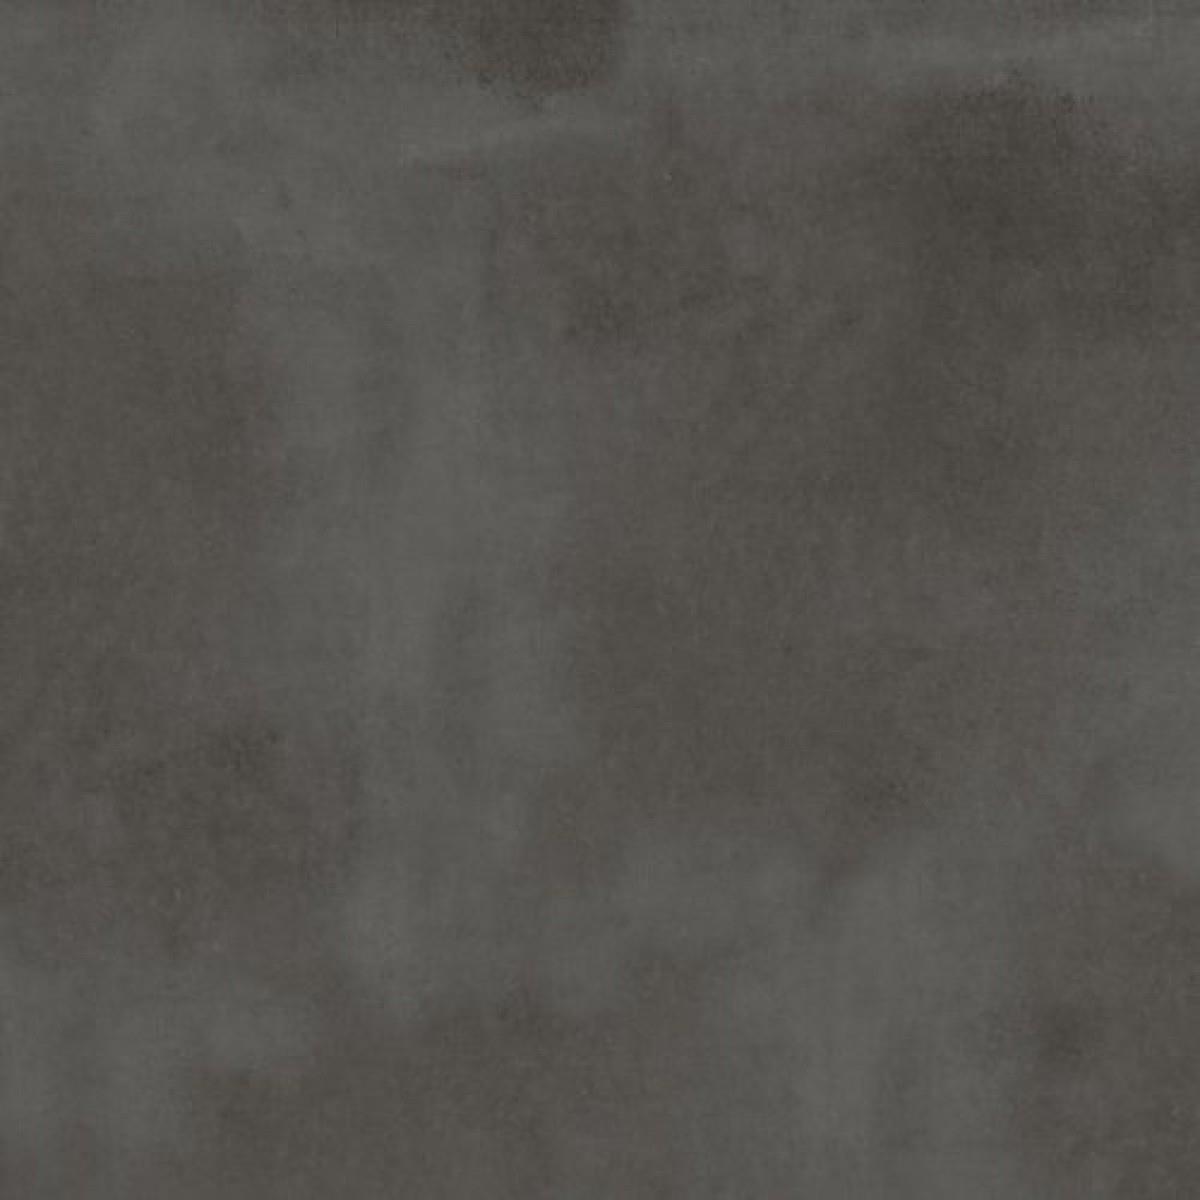 Zdjęcie Płytka podłogowa Ceramika Limone Town Antracite 75x75cm limTowAnt75